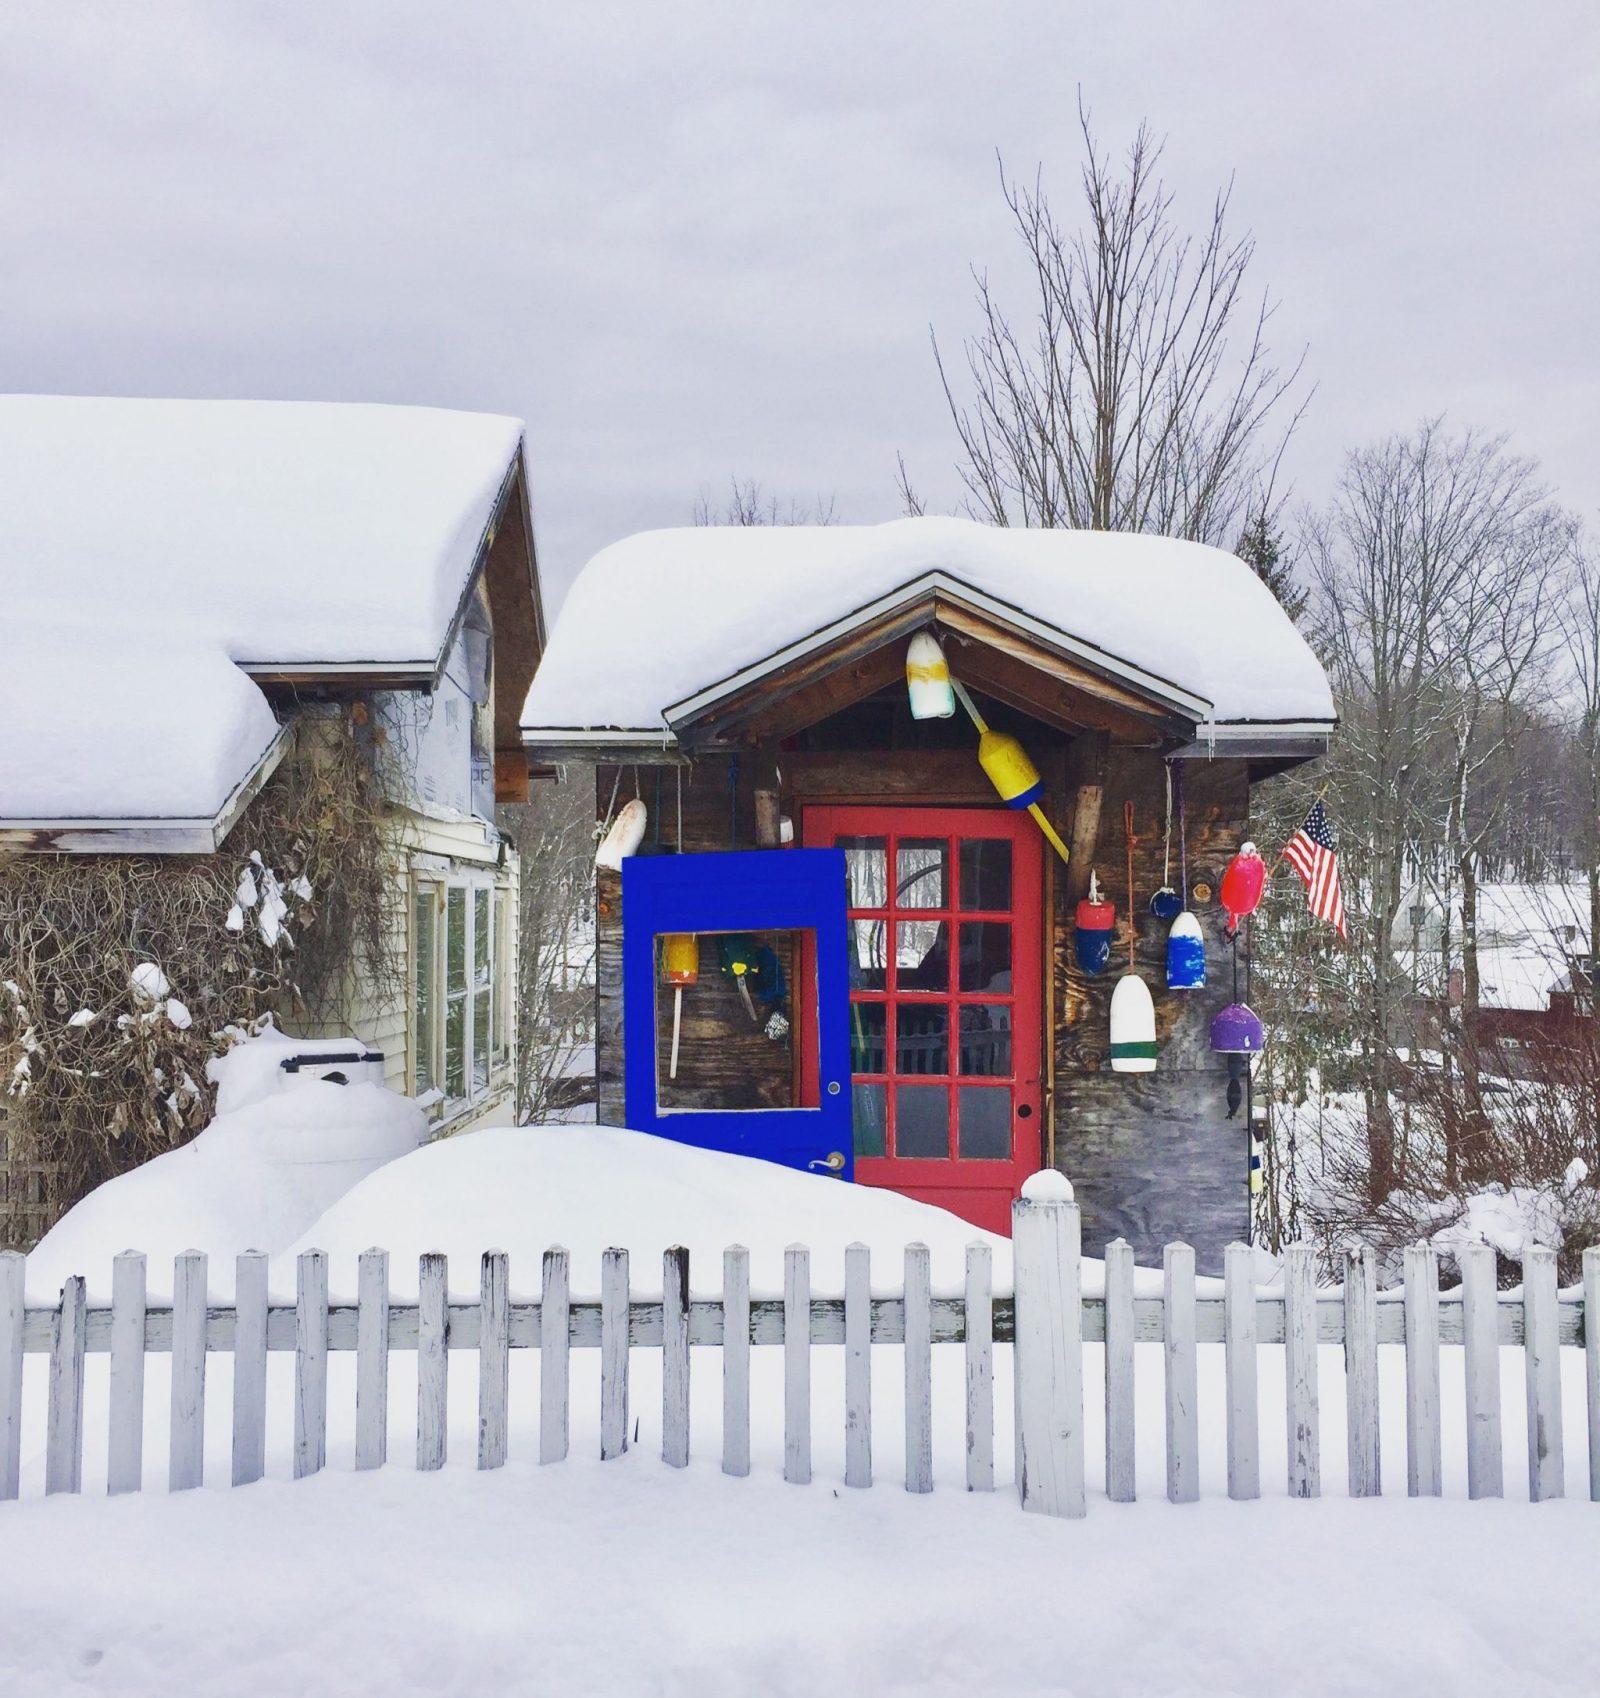 Exploring Wilmington Vermont in winter